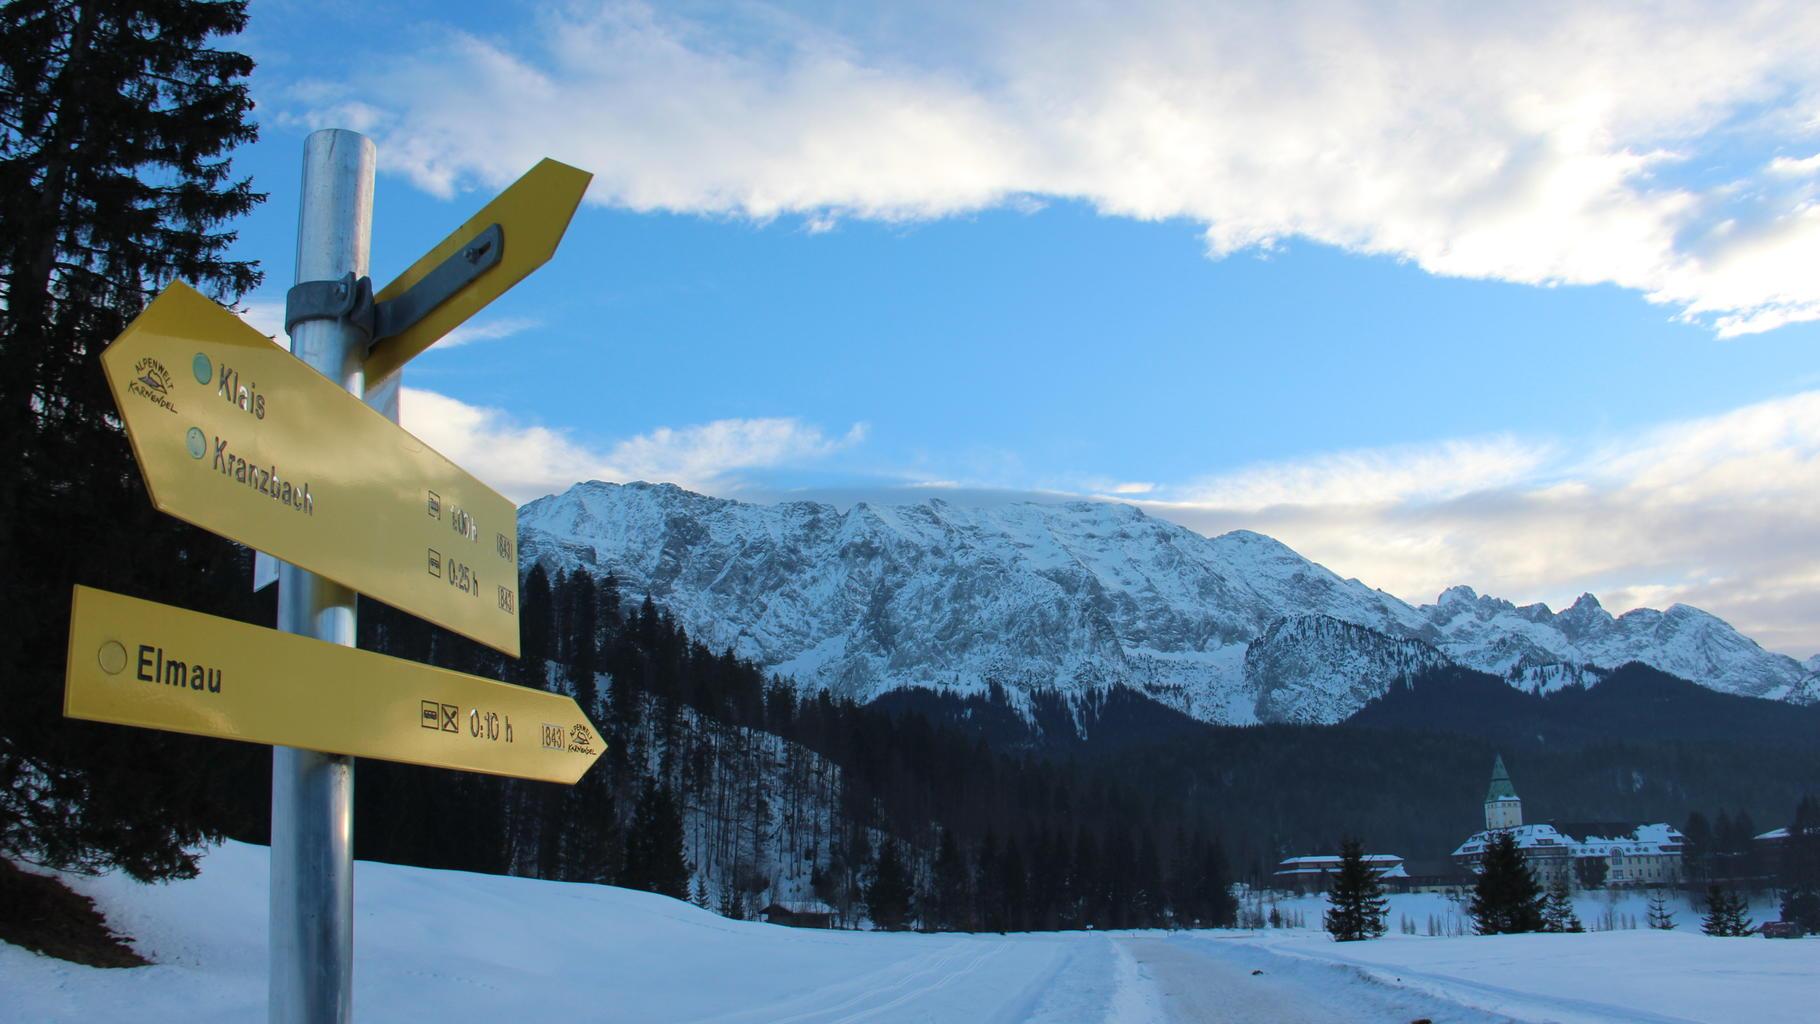 Wegweiser nach Elmau in einer schneebedeckten Alpenlandschaft